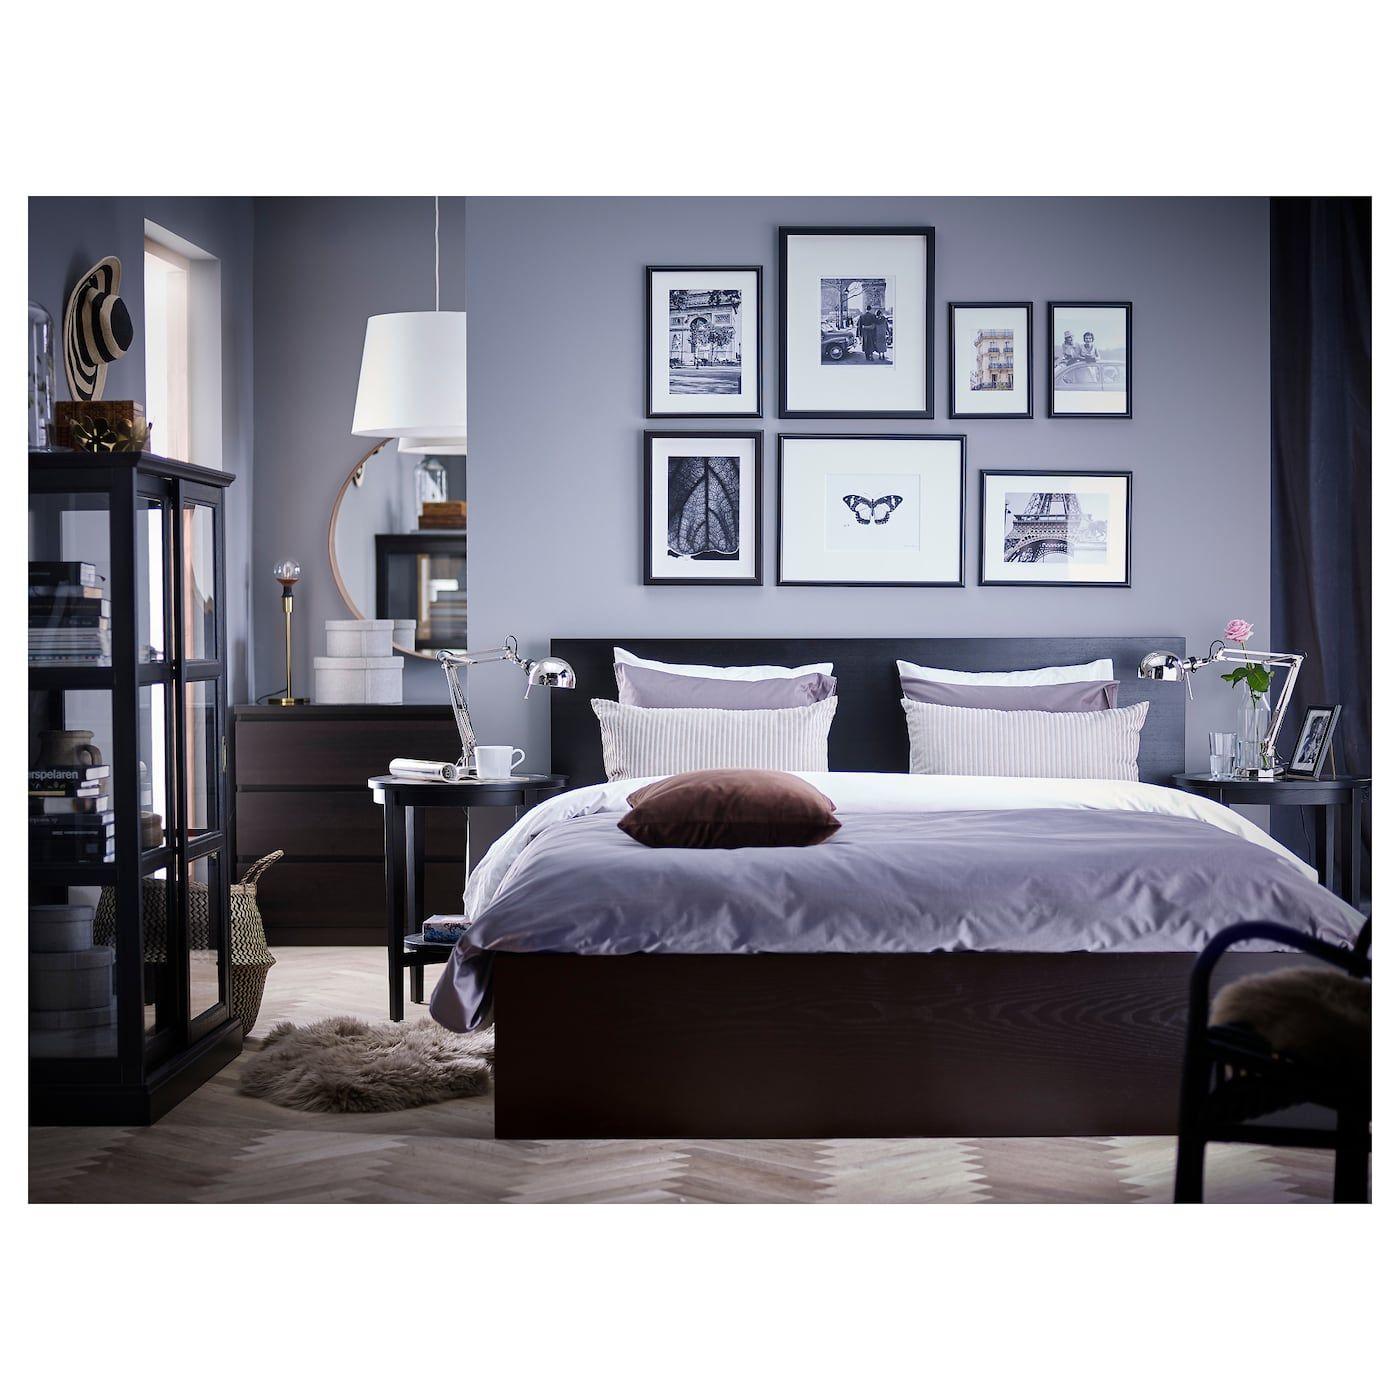 Malm Cadre Lit Haut 4rgt Brun Noir Lonset 160x200 Cm Ikea Malm Bed Frame Malm Bed Ikea Malm Bed